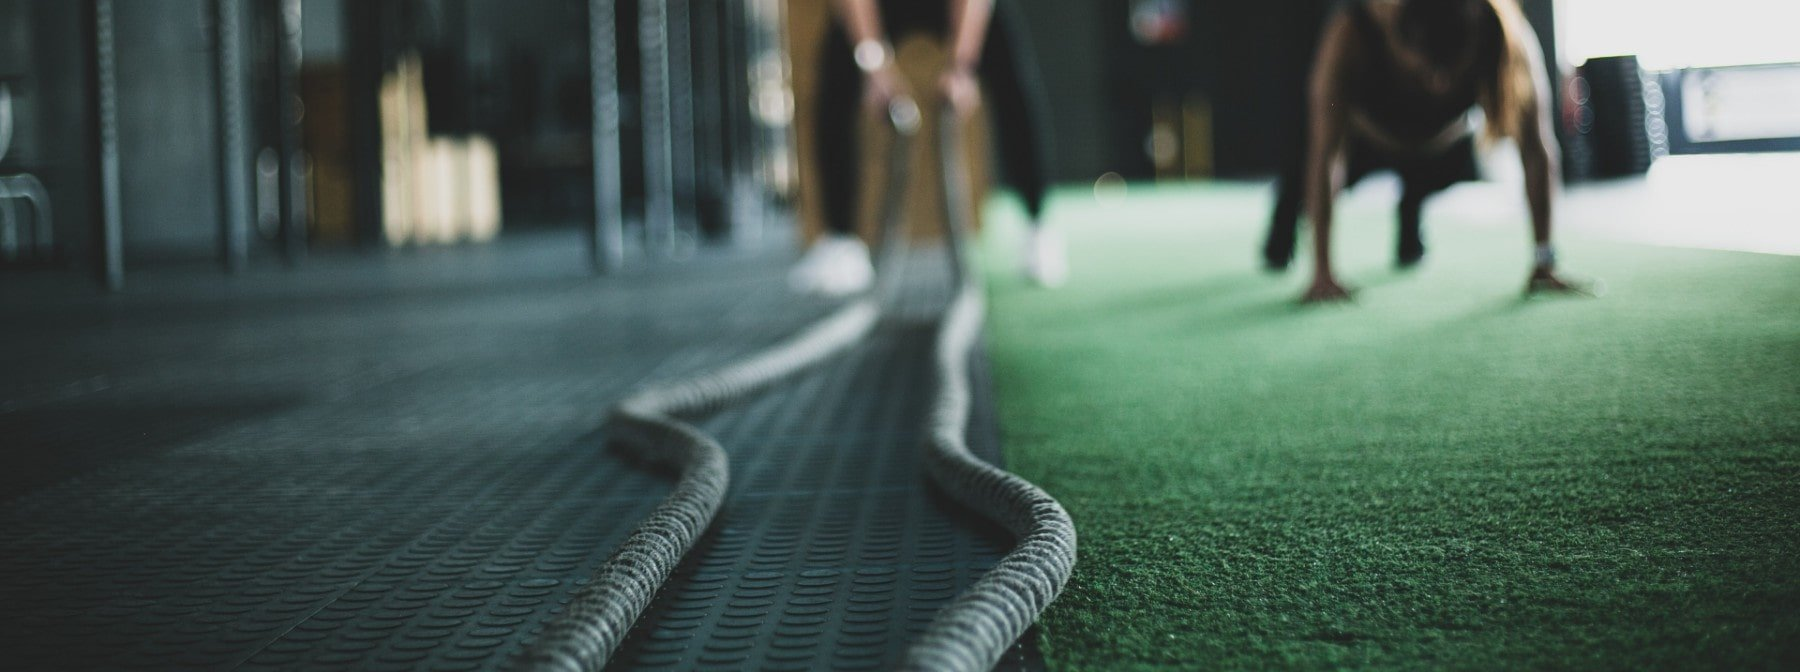 Le cannabis n'a pas d'effet négatif sur l'exercice physique, d'après une étude